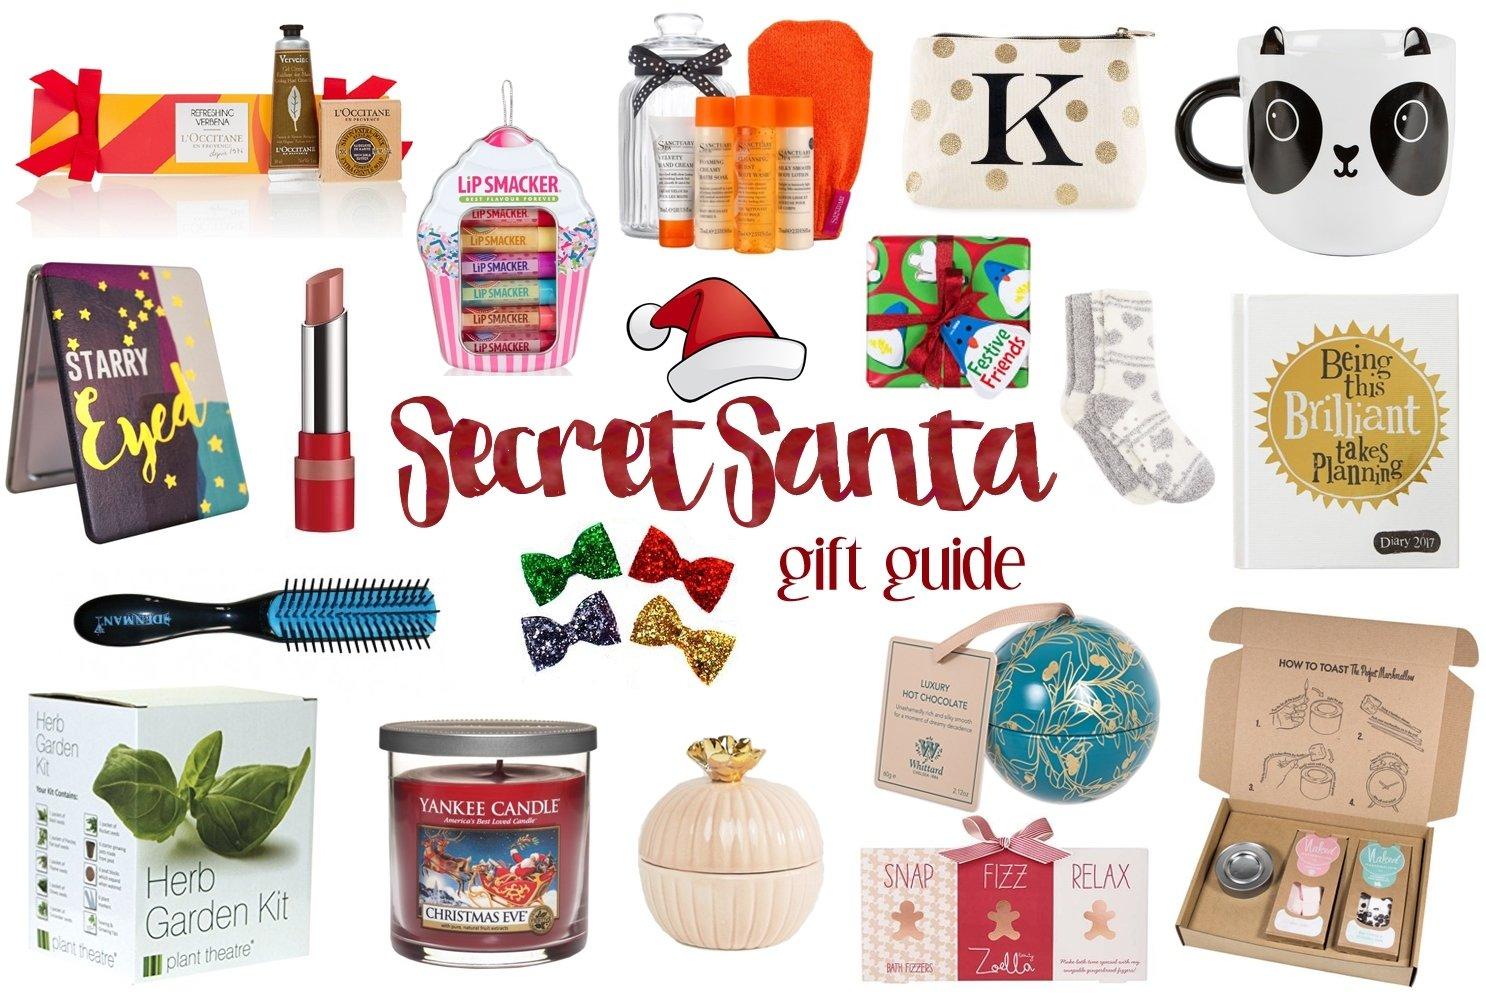 10 Lovable Secret Santa Gift Ideas For Guys secret santa gift guide stocking fillers for under 15 katie 2021